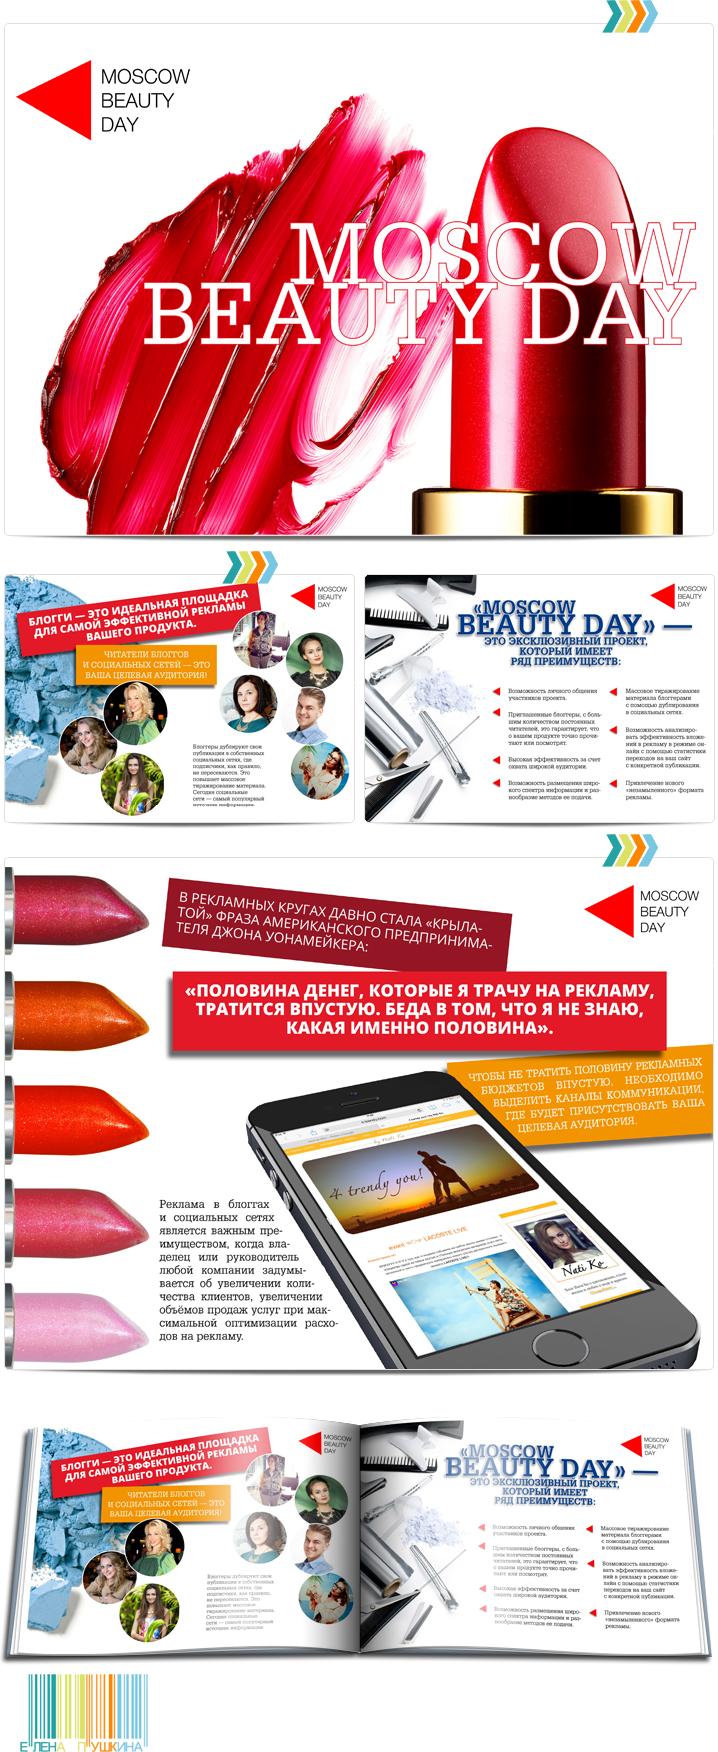 Презентации мероприятия «MOSCOW BEAUTY DAY» длякосметической компании «БИОСФЕРА»— разработка дизайна с«нуля» ивёрстка брошюры Дизайн брошюр, буклетов Портфолио